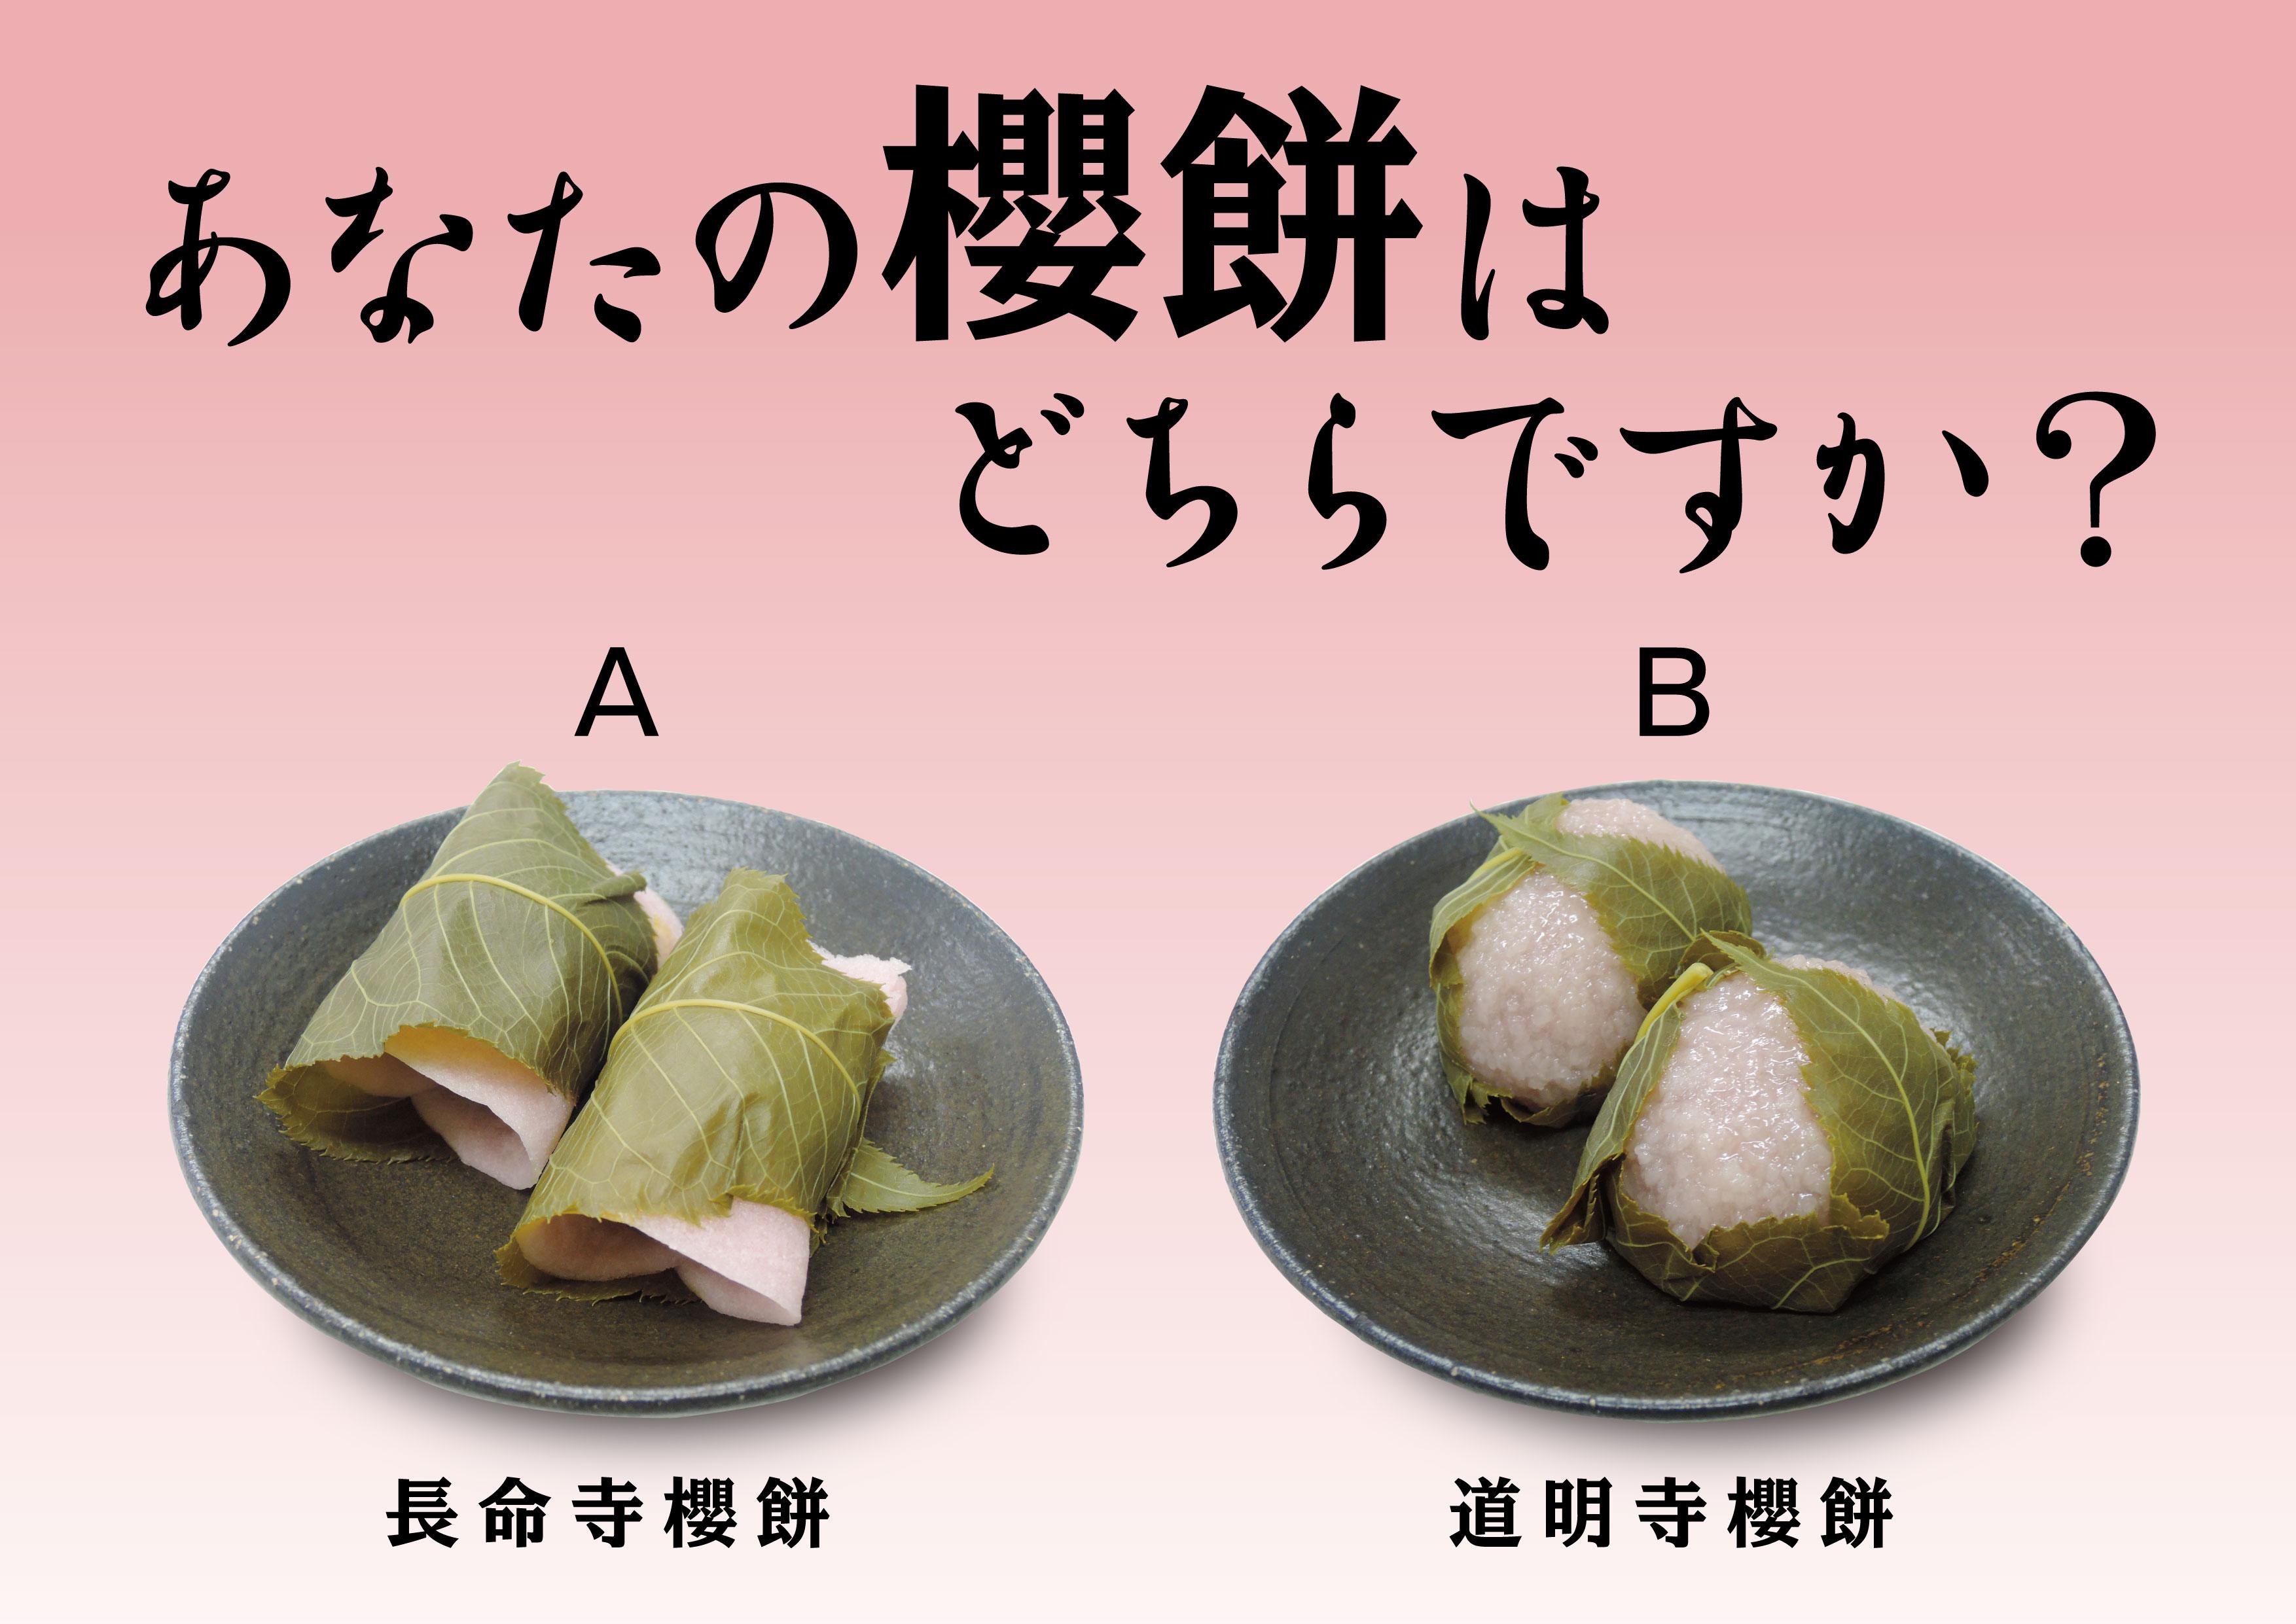 あなたの桜餅はどちらですか?